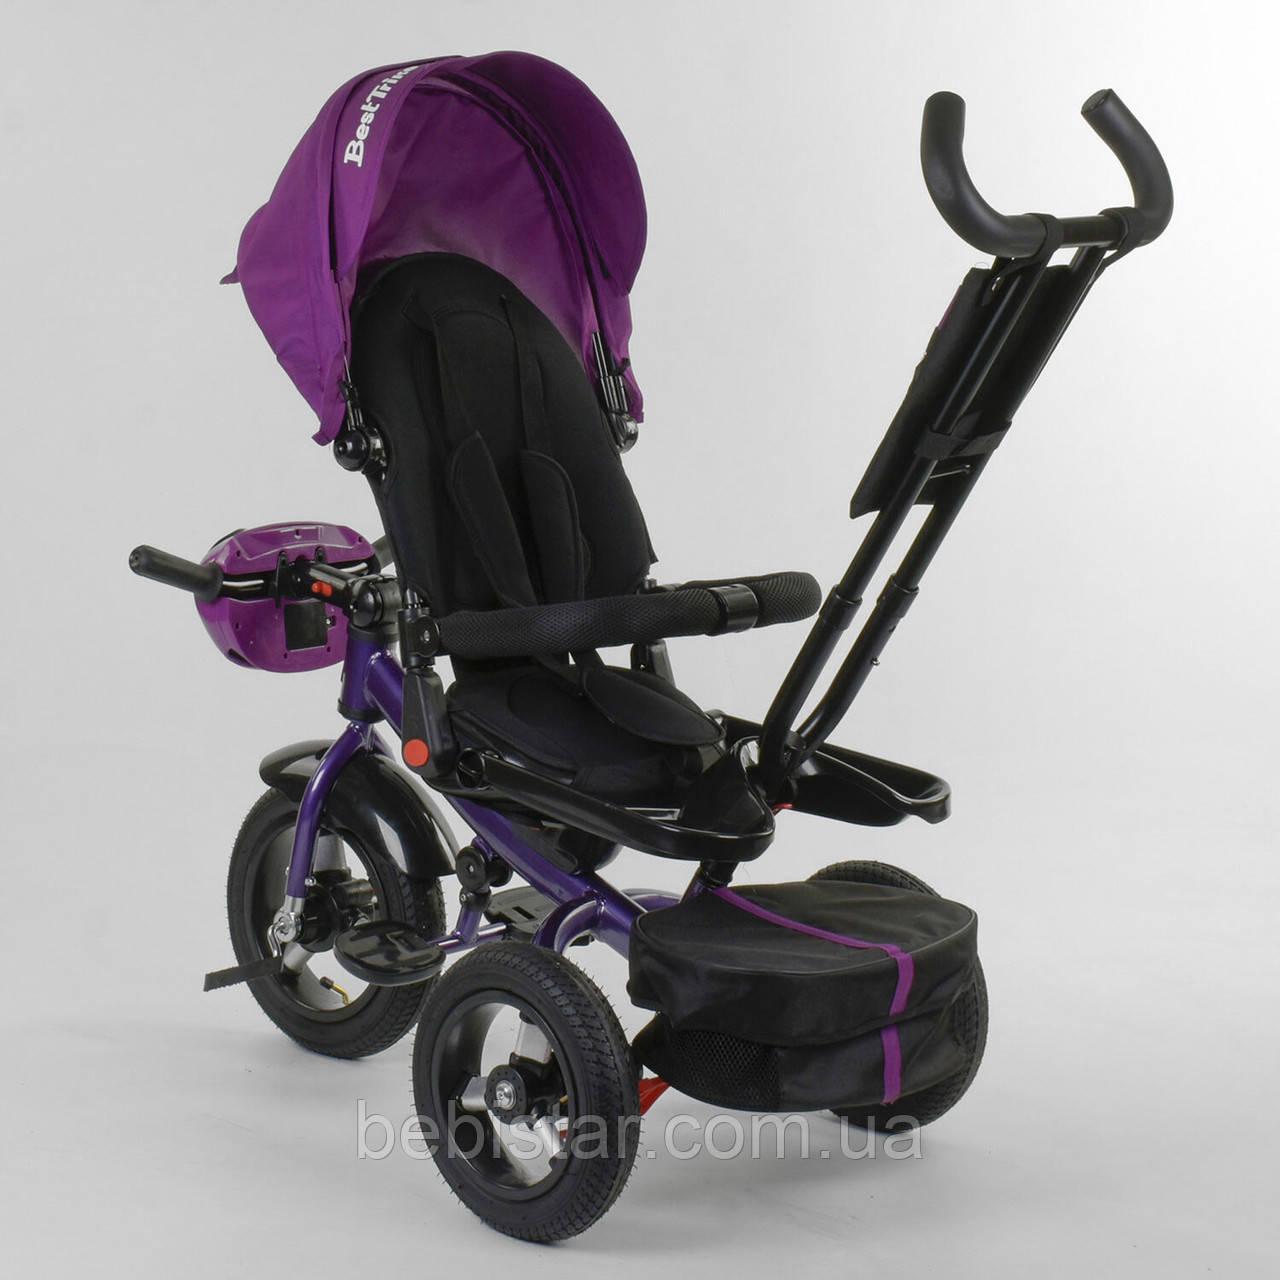 Трехколесный велосипед фиолетовый Best Trike 6088 F поворотное сидения складной руль надувн колеса фара с USB